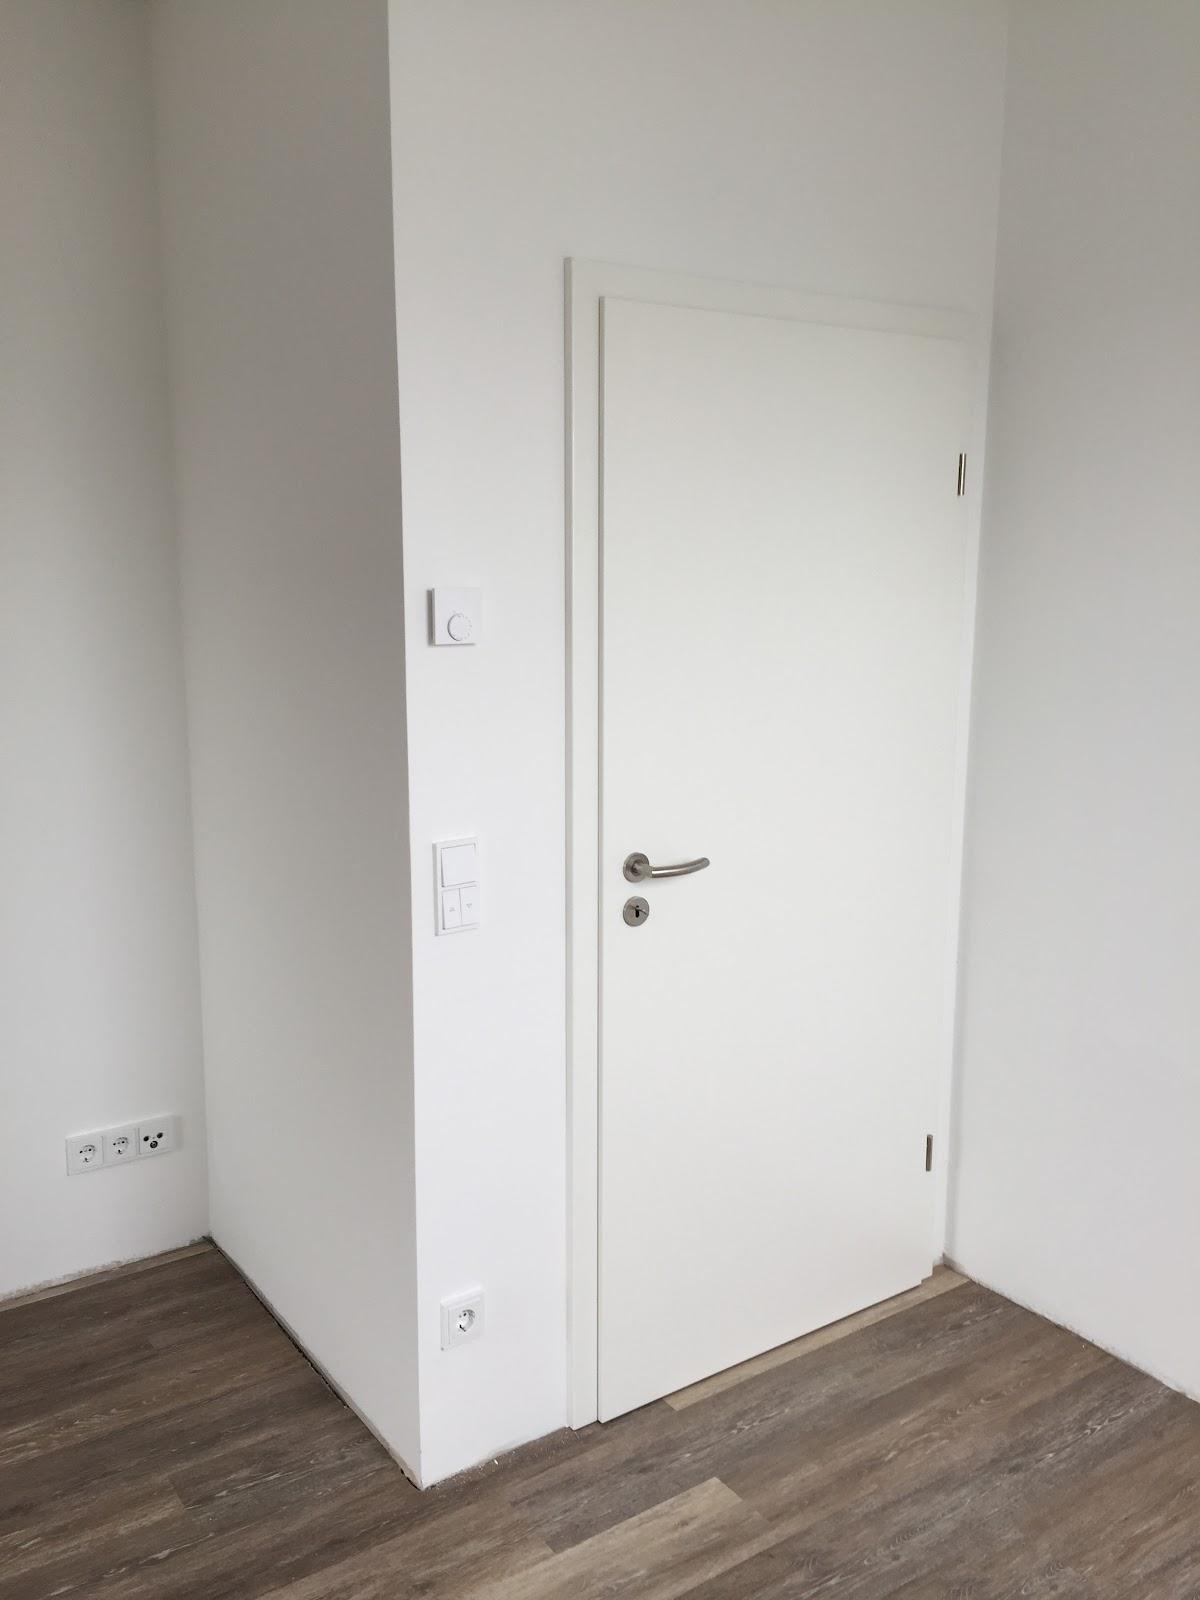 Allkauf Best Deal Blog Zum Hausbau Sanitär Elektro Küche